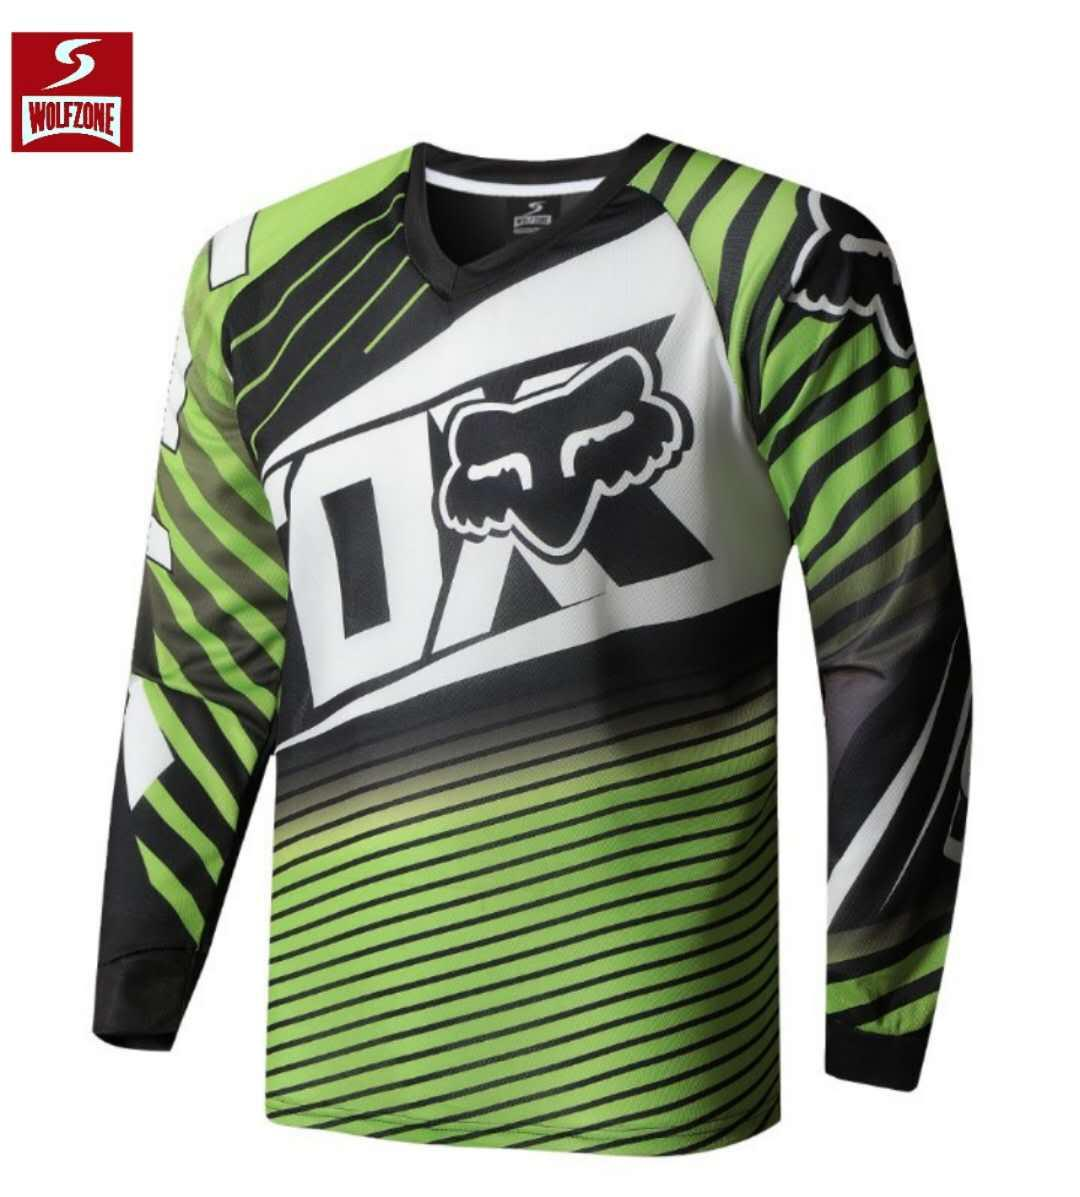 ee075b62345 Wolf Zone Spandex Fox Longsleeve Men s Sportswear Quick DryFortress Cycling  Mountain Bike Motocross Motorcycle MTB